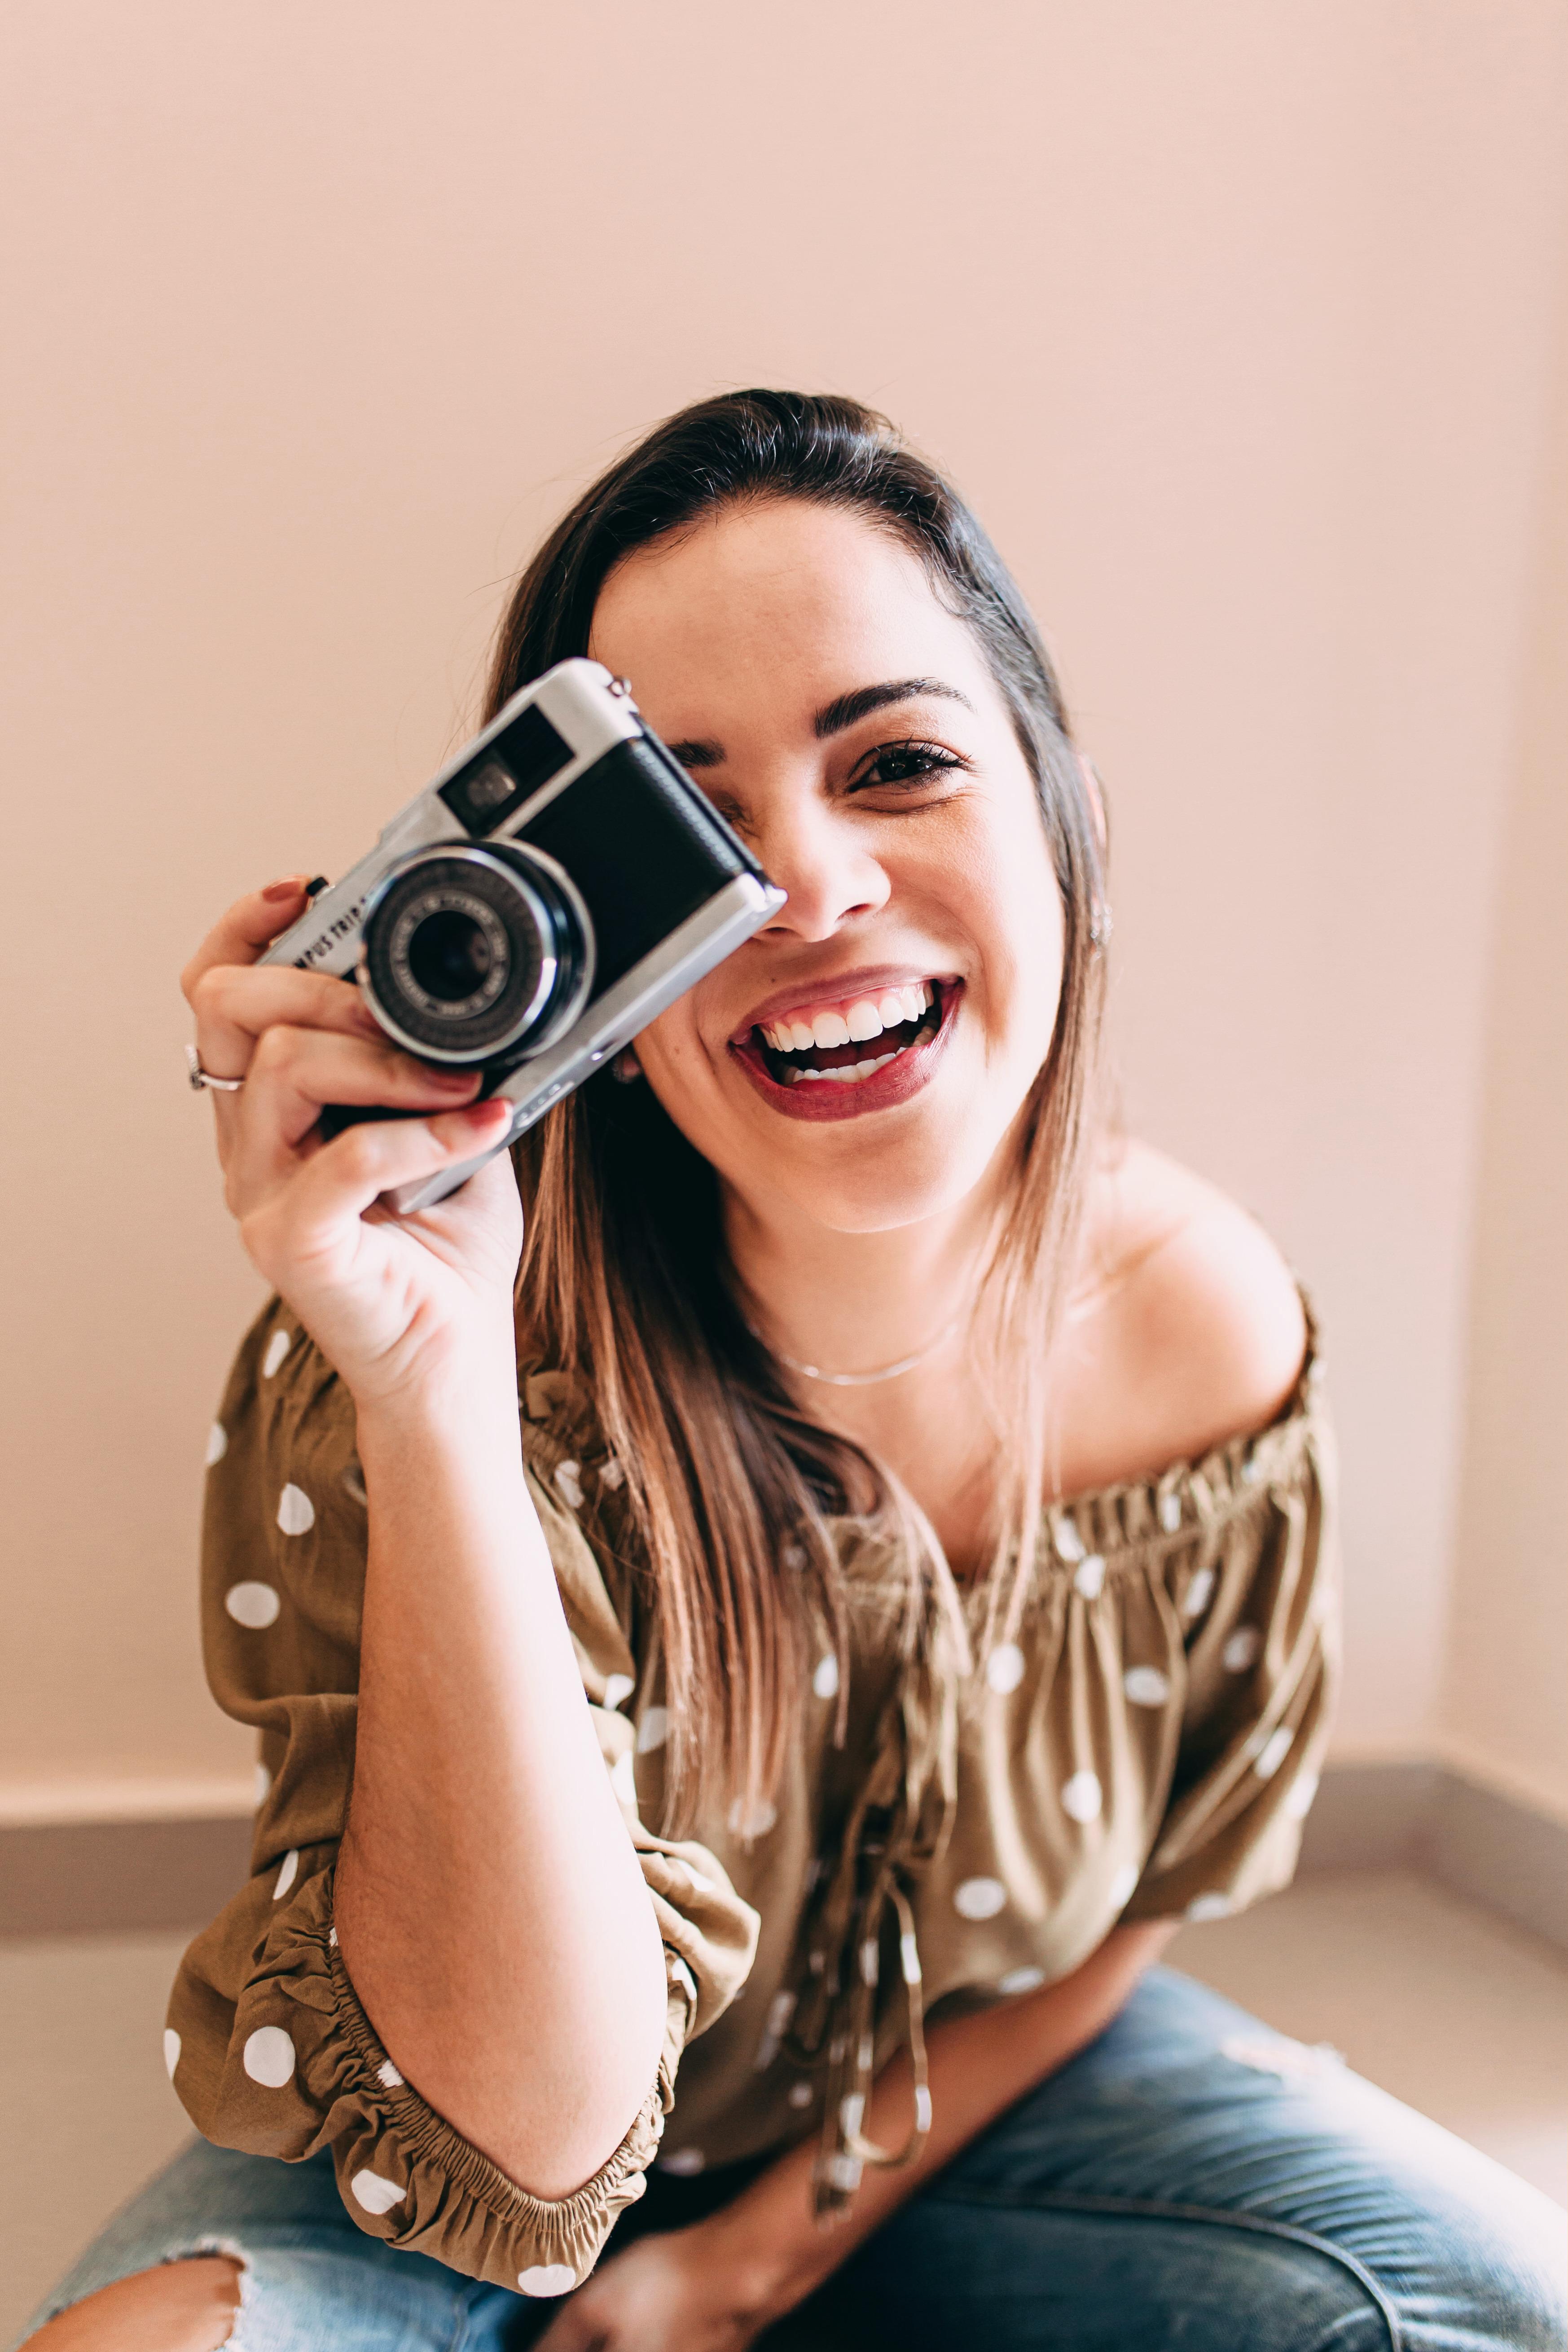 Sobre Caroline Tudesco | Fotografia Lifestyle de Famílias, Gestantes, Recém-nascidos, Bebês e Aniversários Infantis | Campos dos Goytacazes/RJ